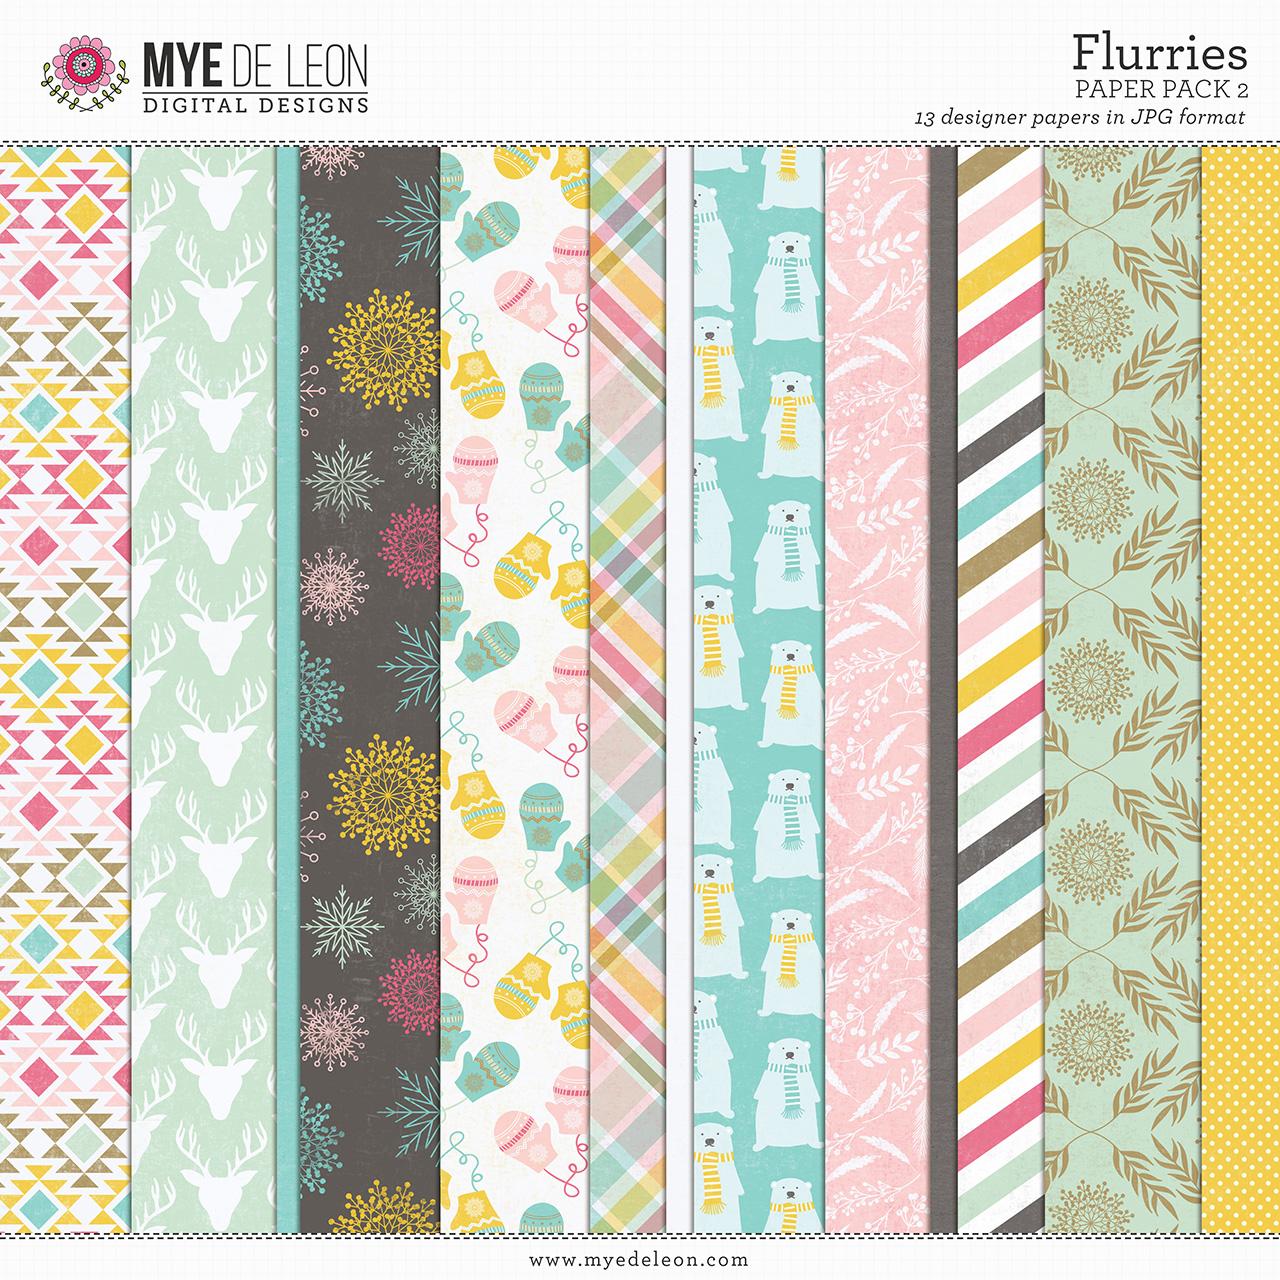 Flurries | Complete Kit